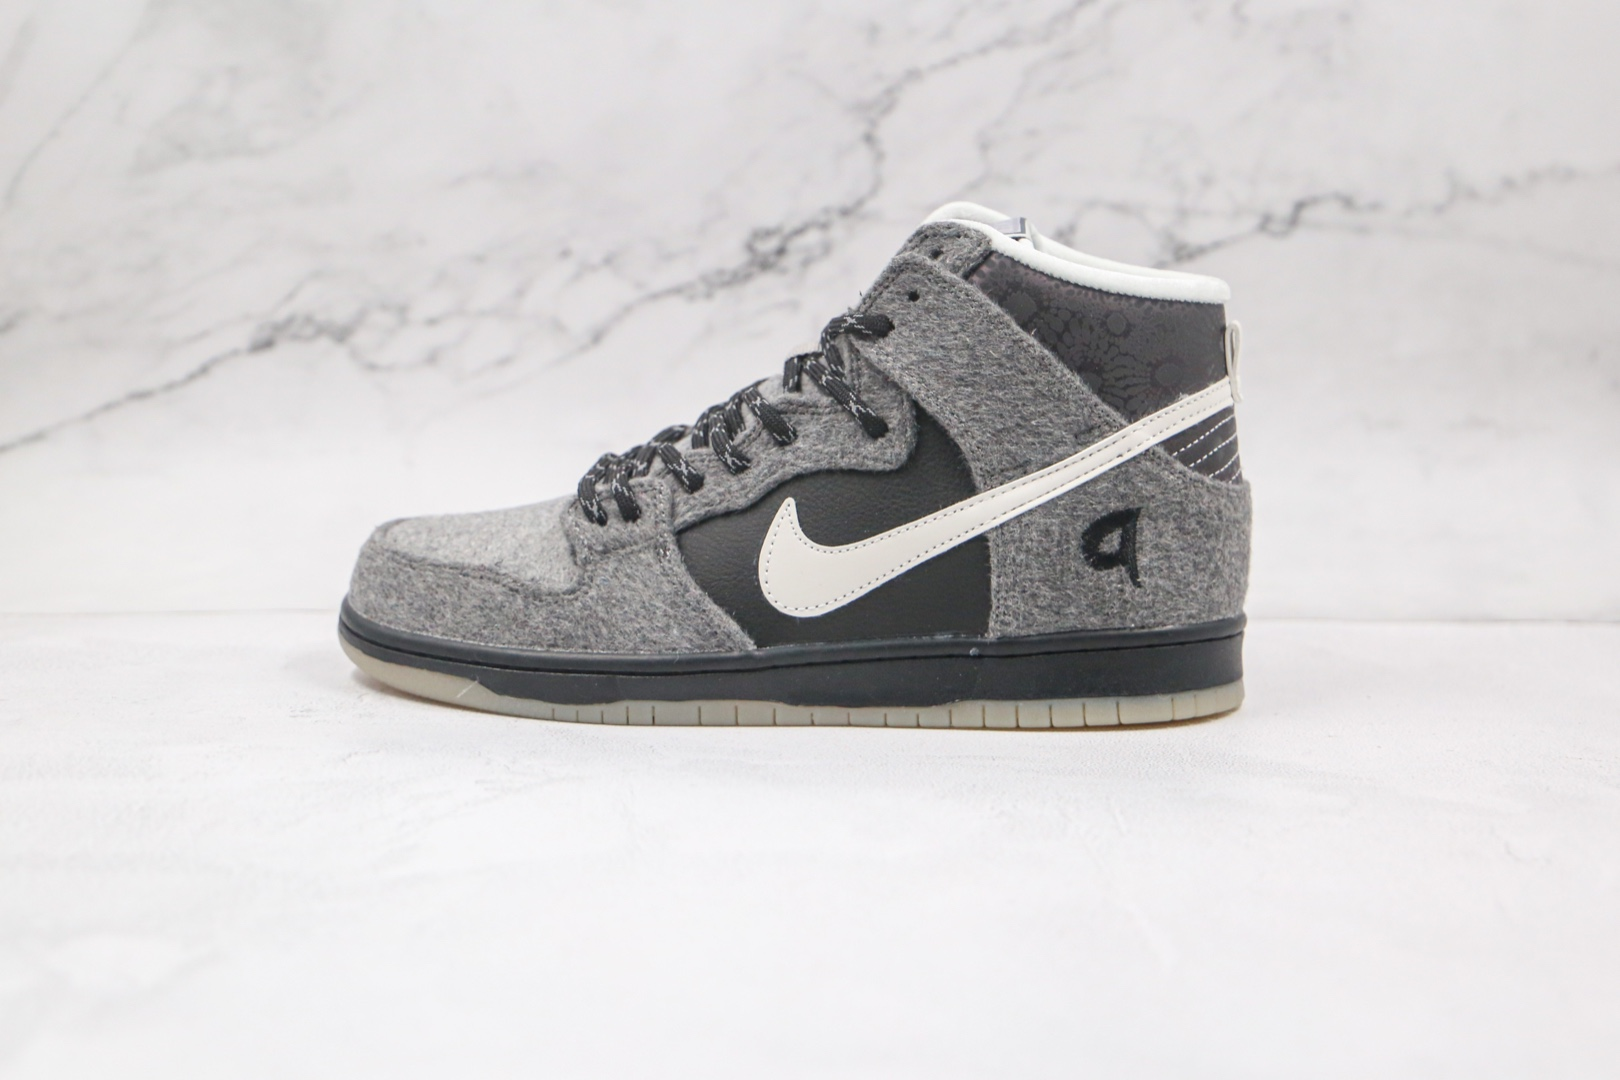 耐克Nike DUNK HIGH SB PREMIER SE Petoskey纯原版本高帮SB DUNK雪花灰黑羊毛板鞋原楦头纸板打造 货号:645986-010